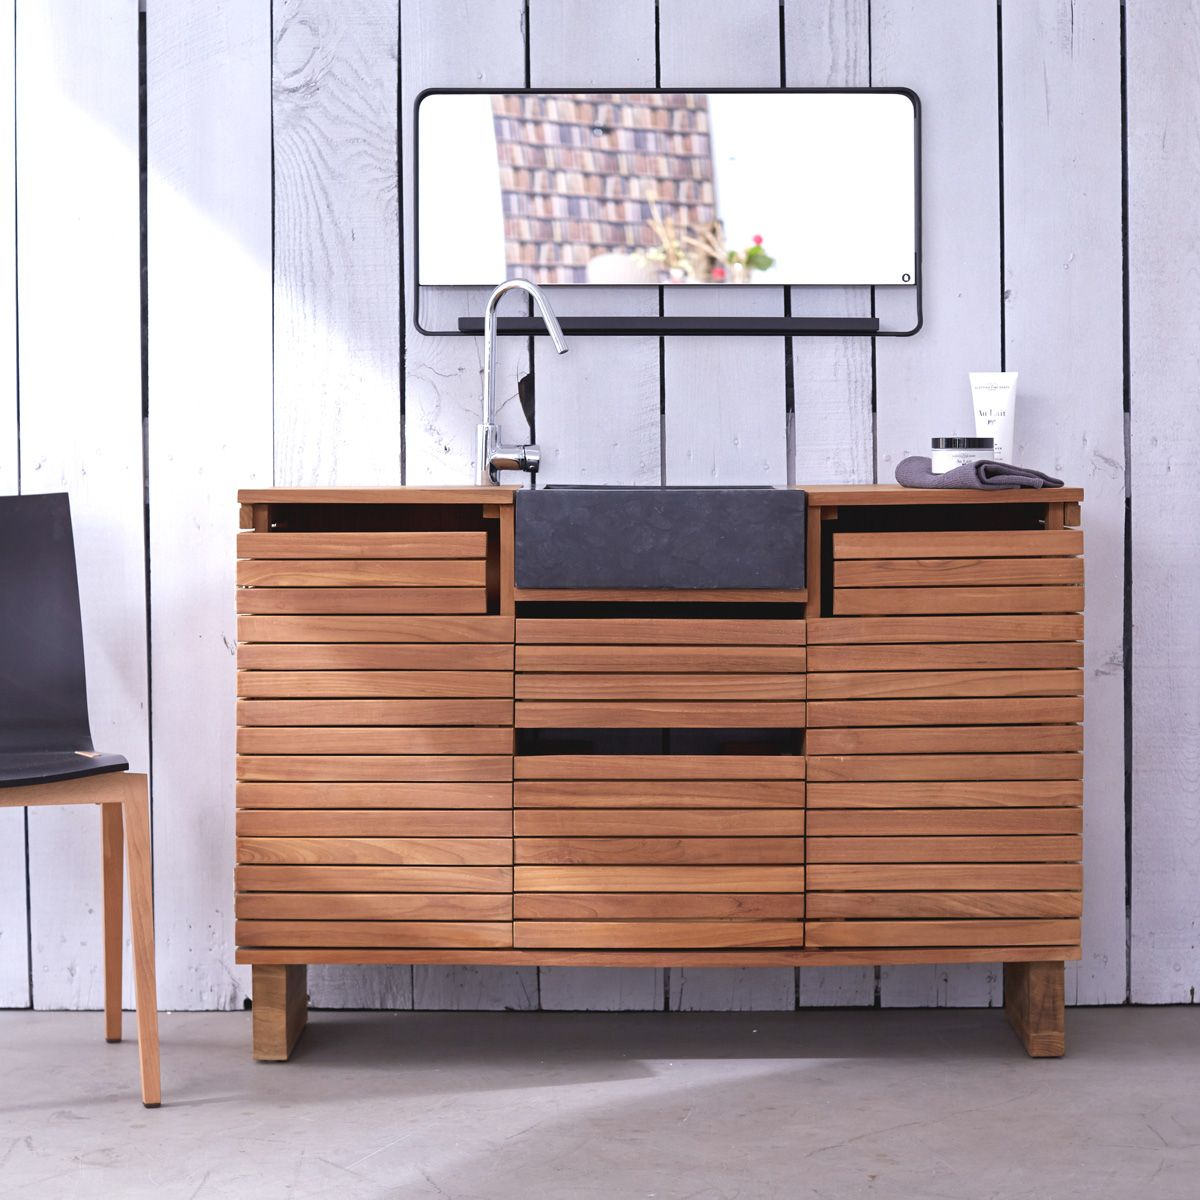 Badmöbel aus Teak mit Waschbecken 120 Slats